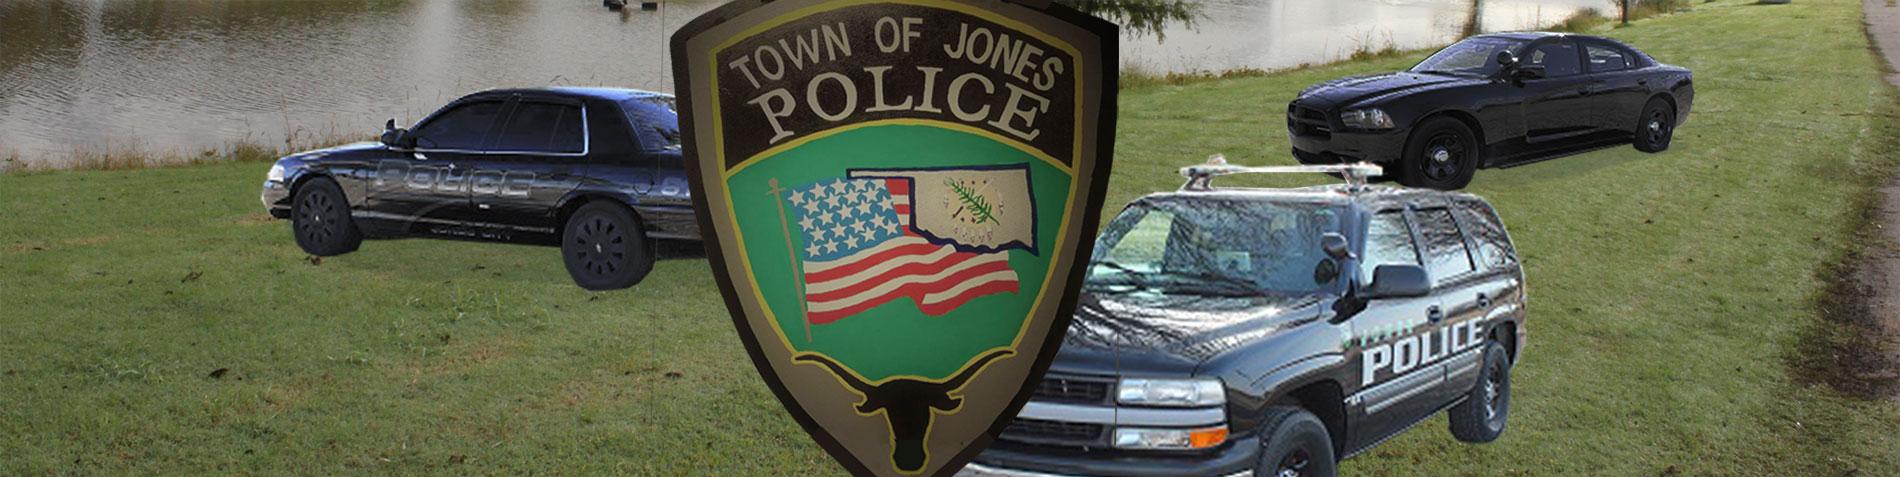 Jones Police Department